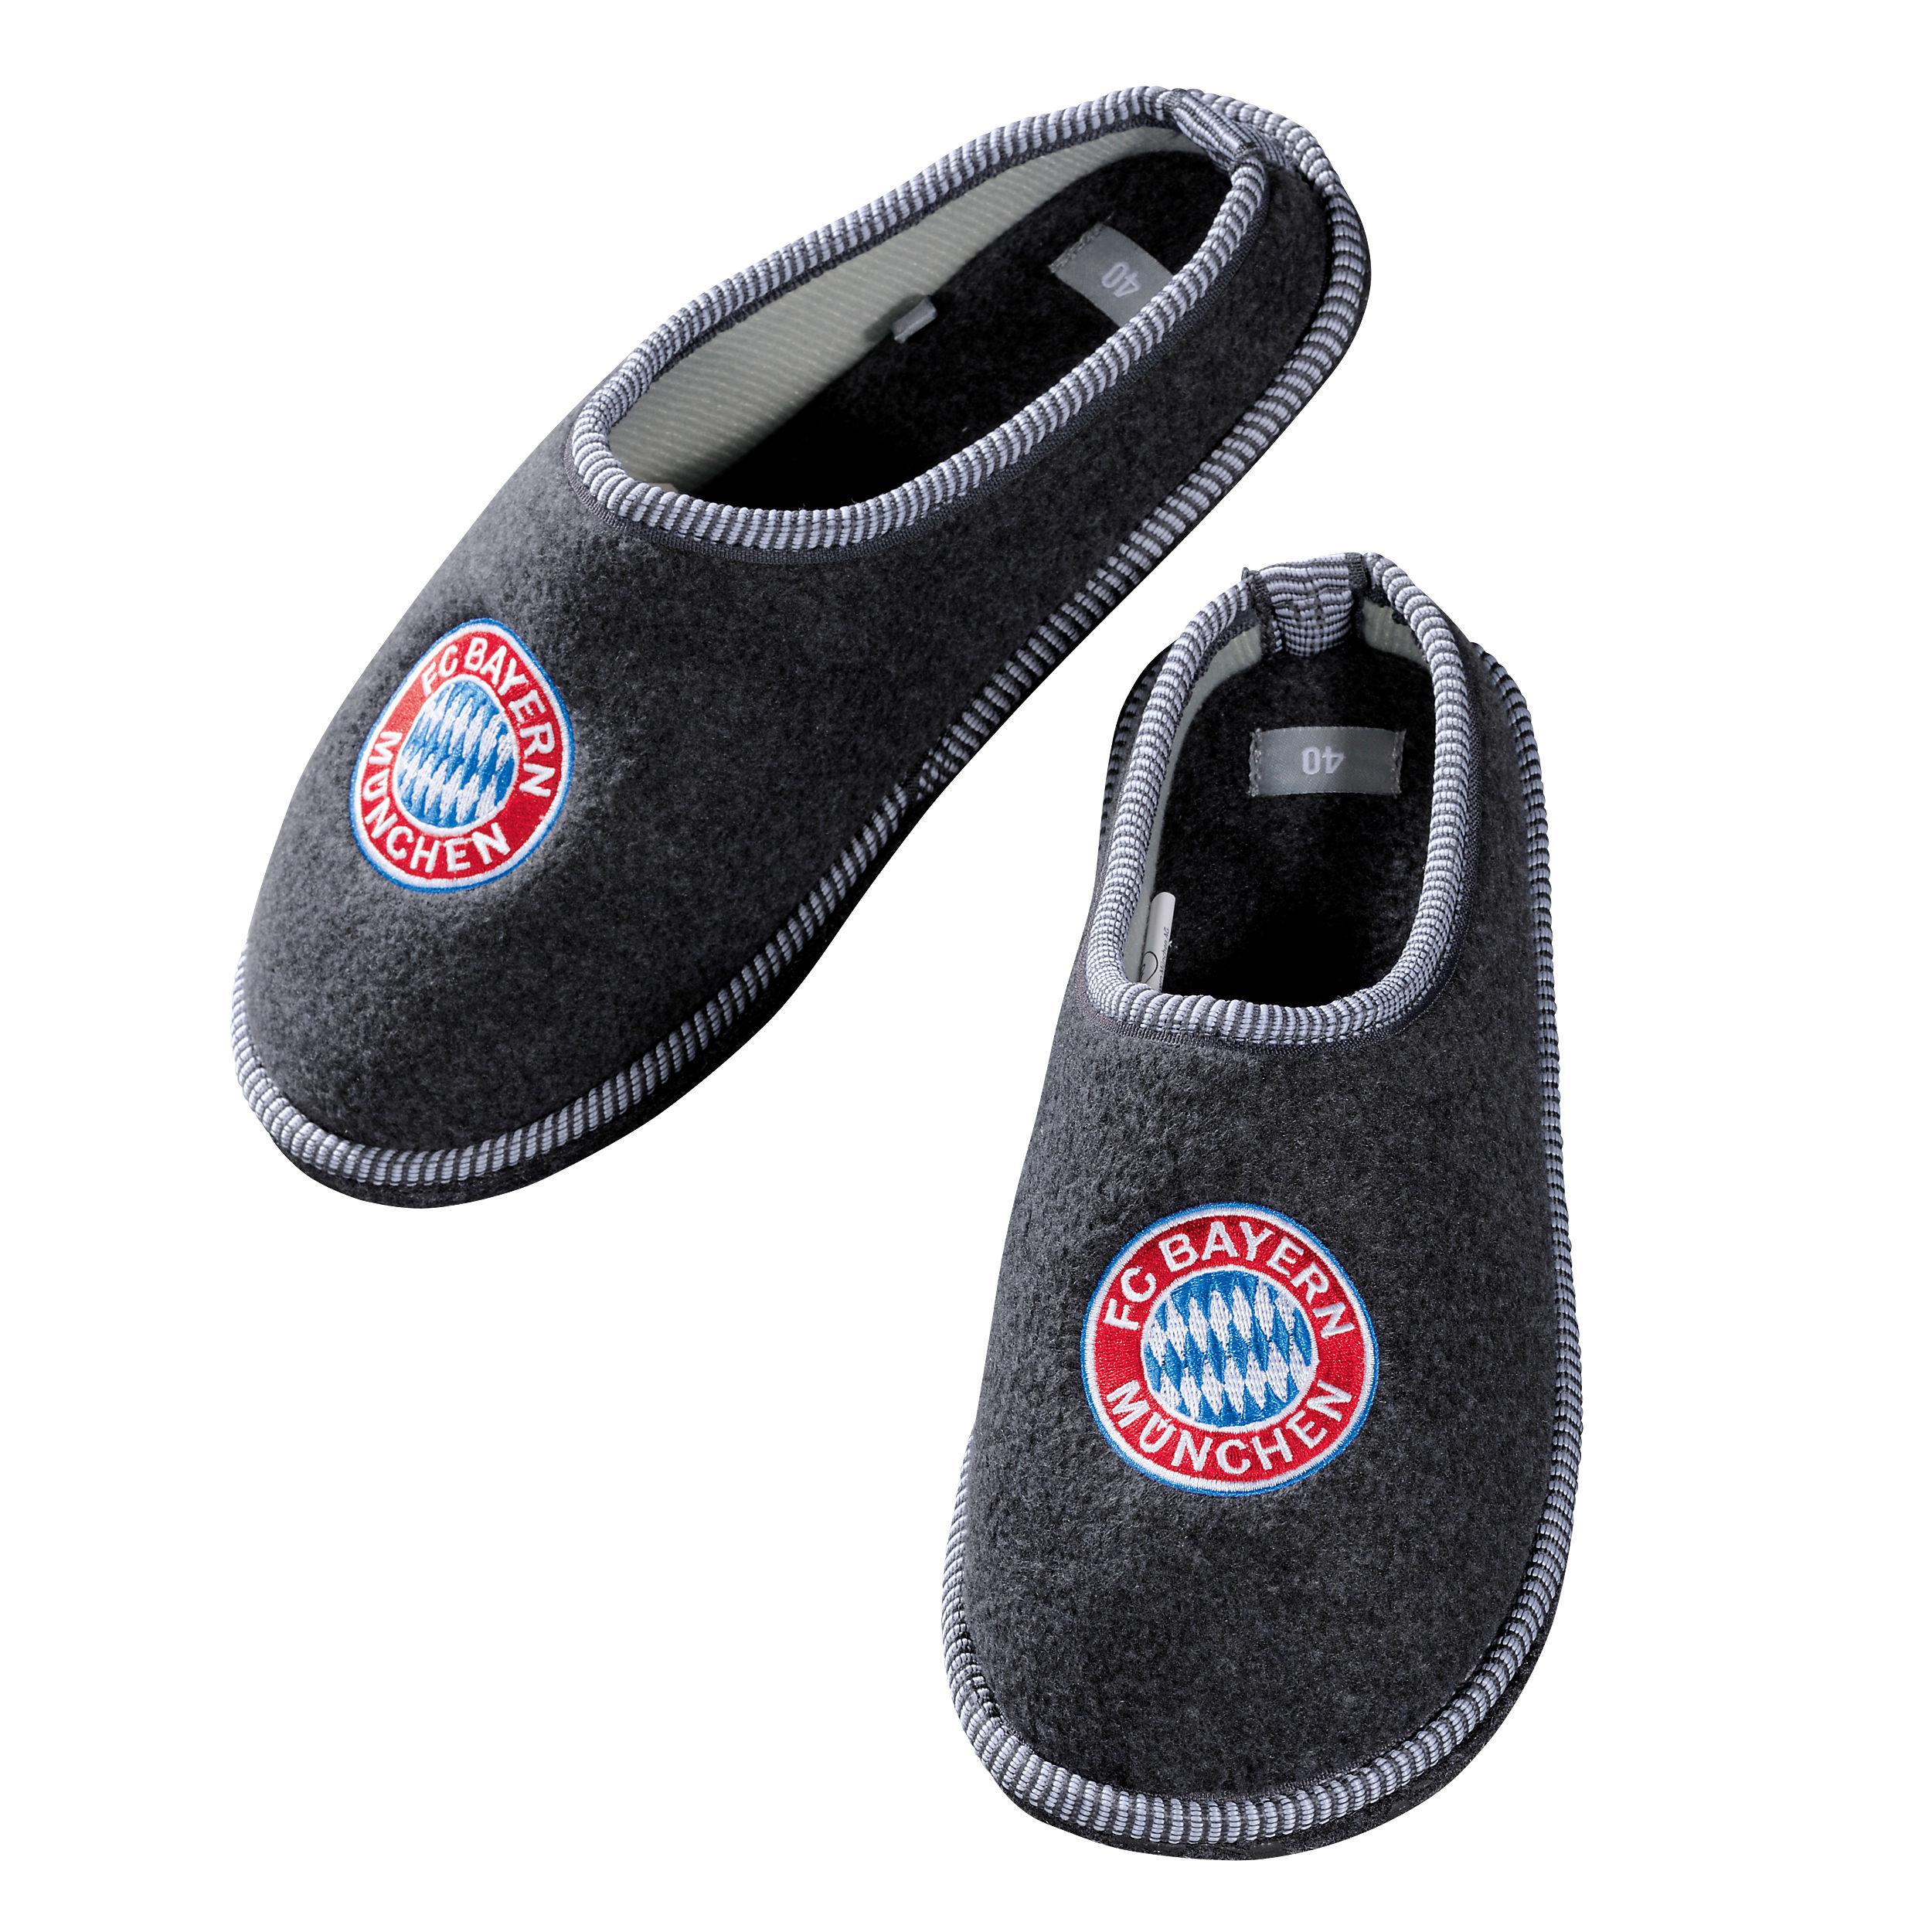 Filz-Pantoffeln FC Bayern Spielraum Billig Mit Paypal Online Brandneue Unisex Online 2018 Neuester Günstiger Preis Günstig Kaufen Mode-Stil pFPghMfH